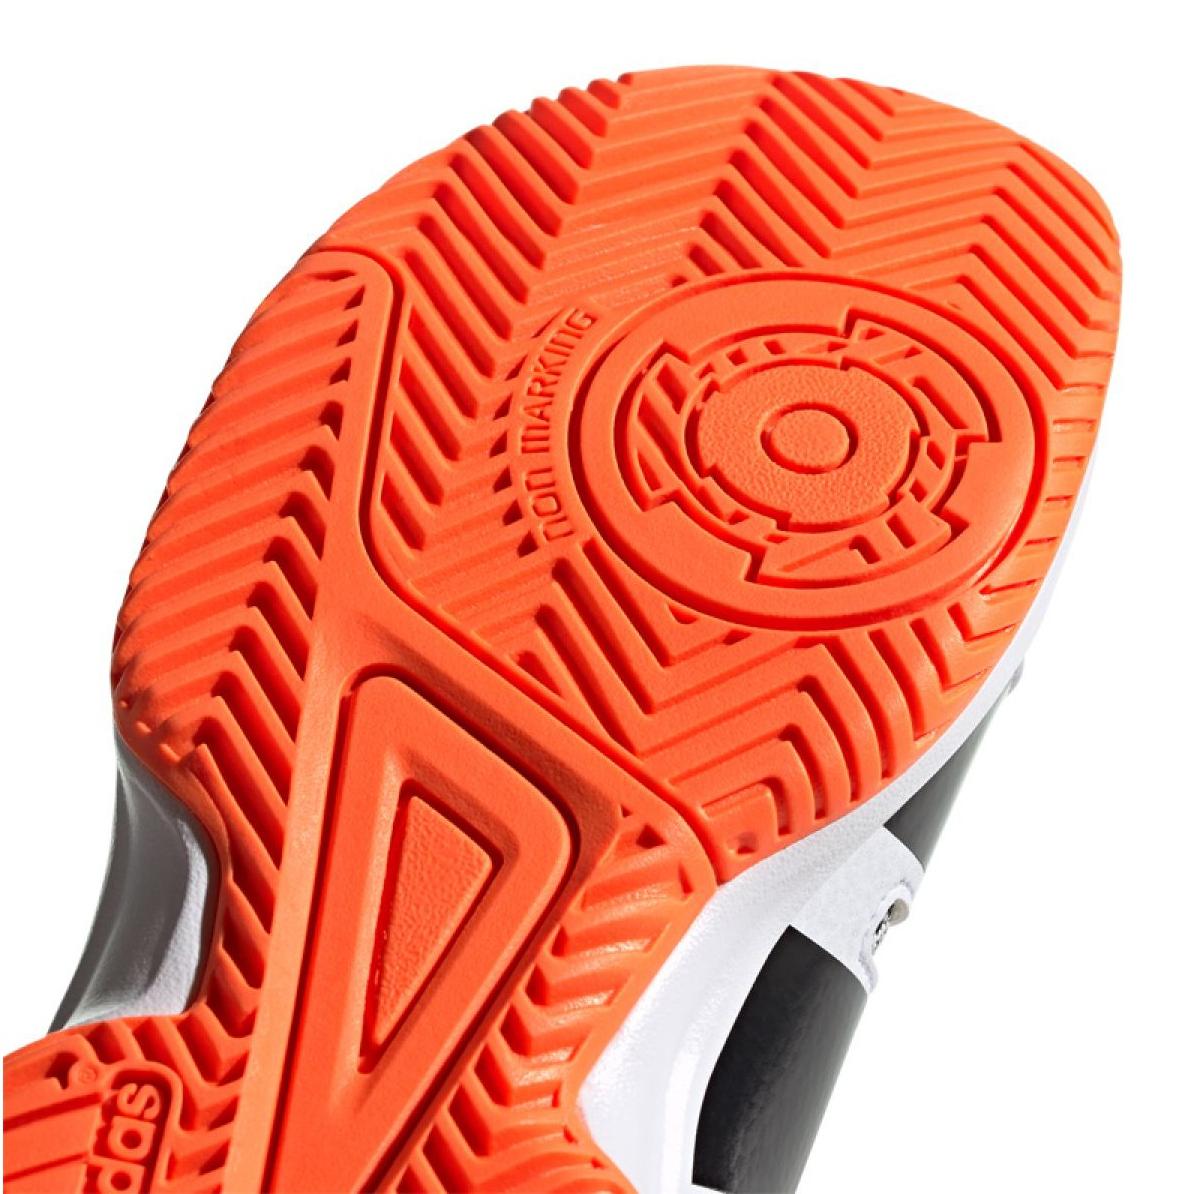 Adidas Stabil Jr F33830 handbollskor